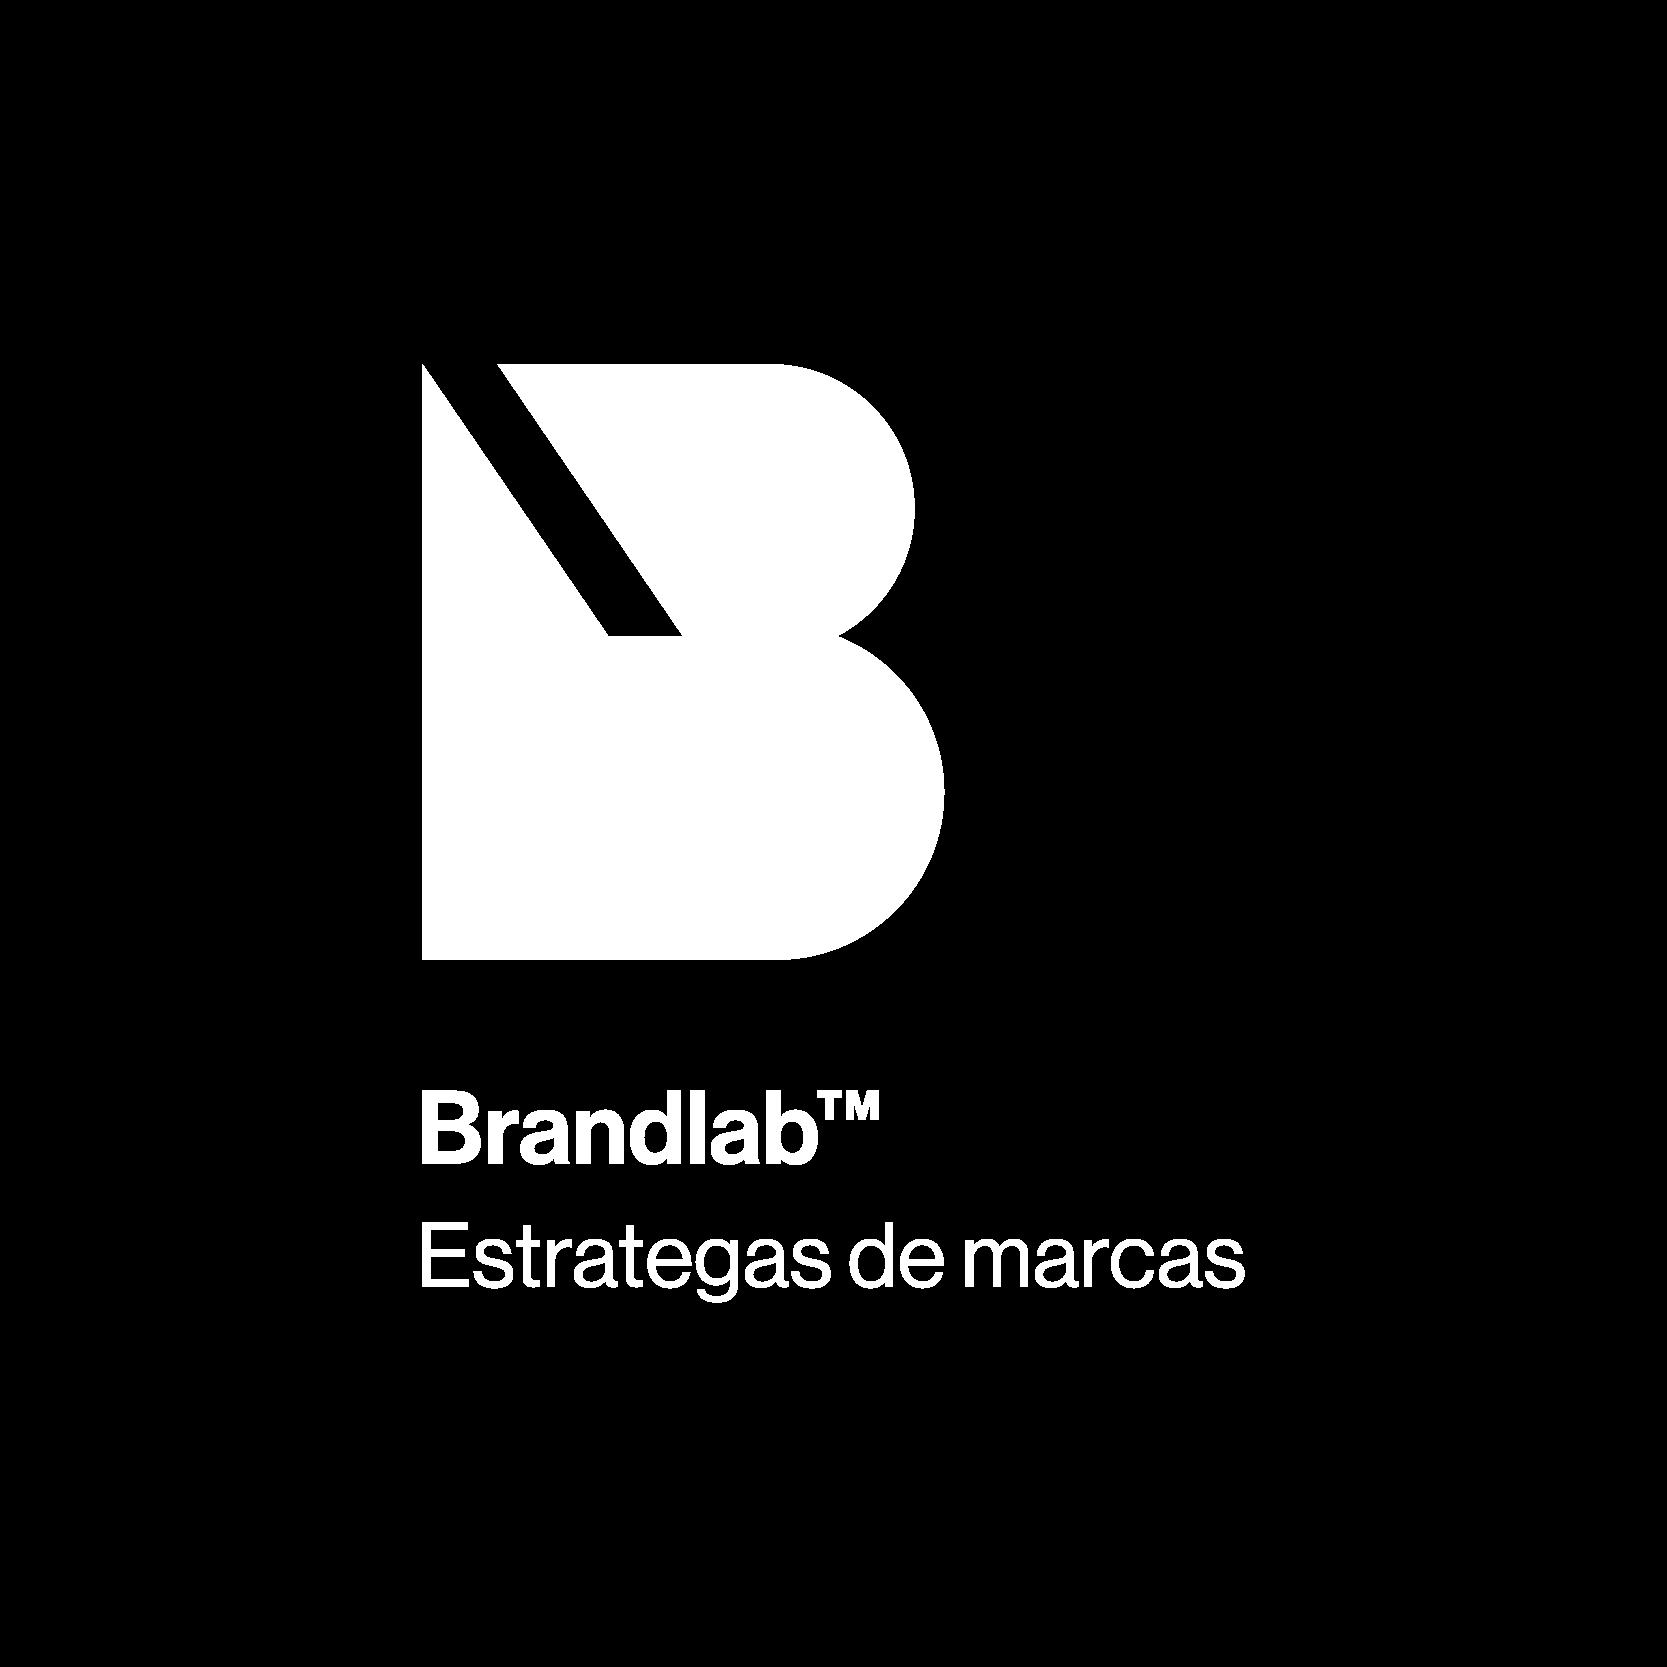 Brandlab-Work-Tadashi-Matayoshi